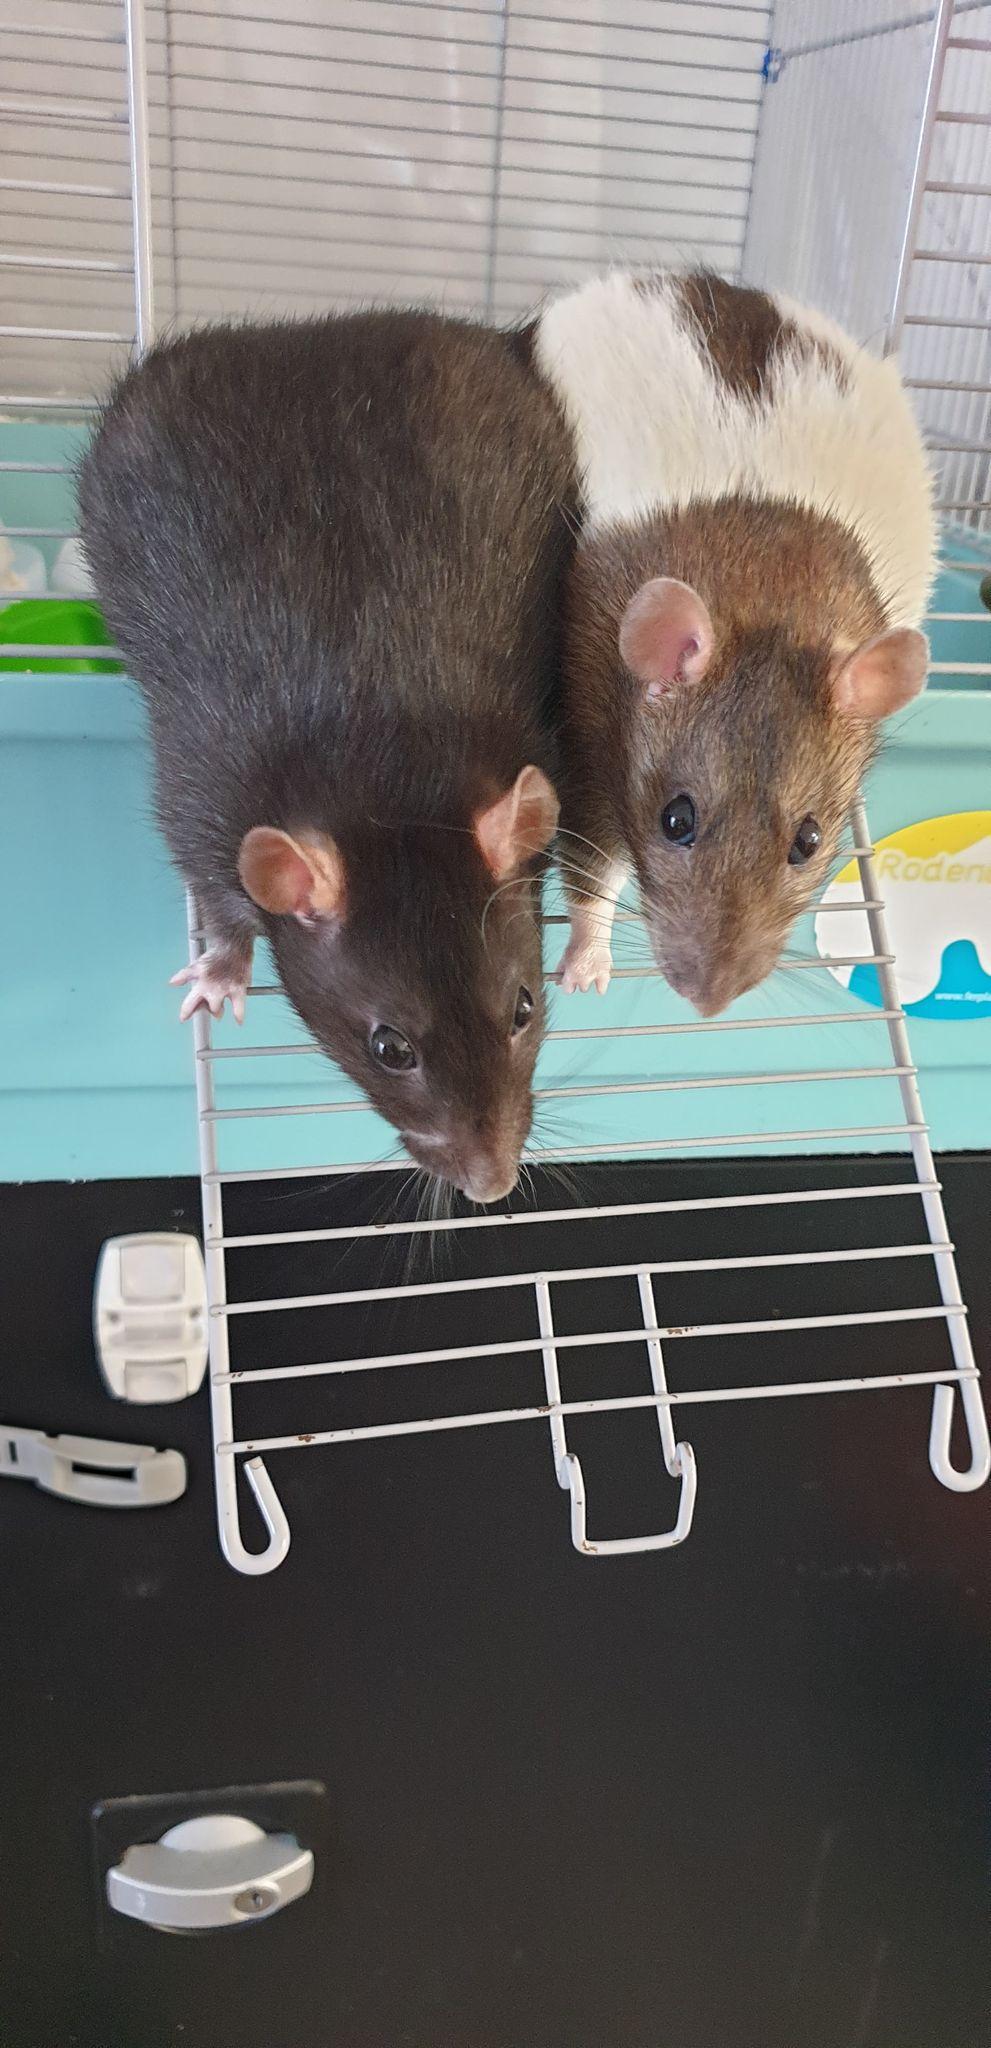 Recherche FA ou adoptants pour deux mamies ratounes de 2 ans et demi 11876511